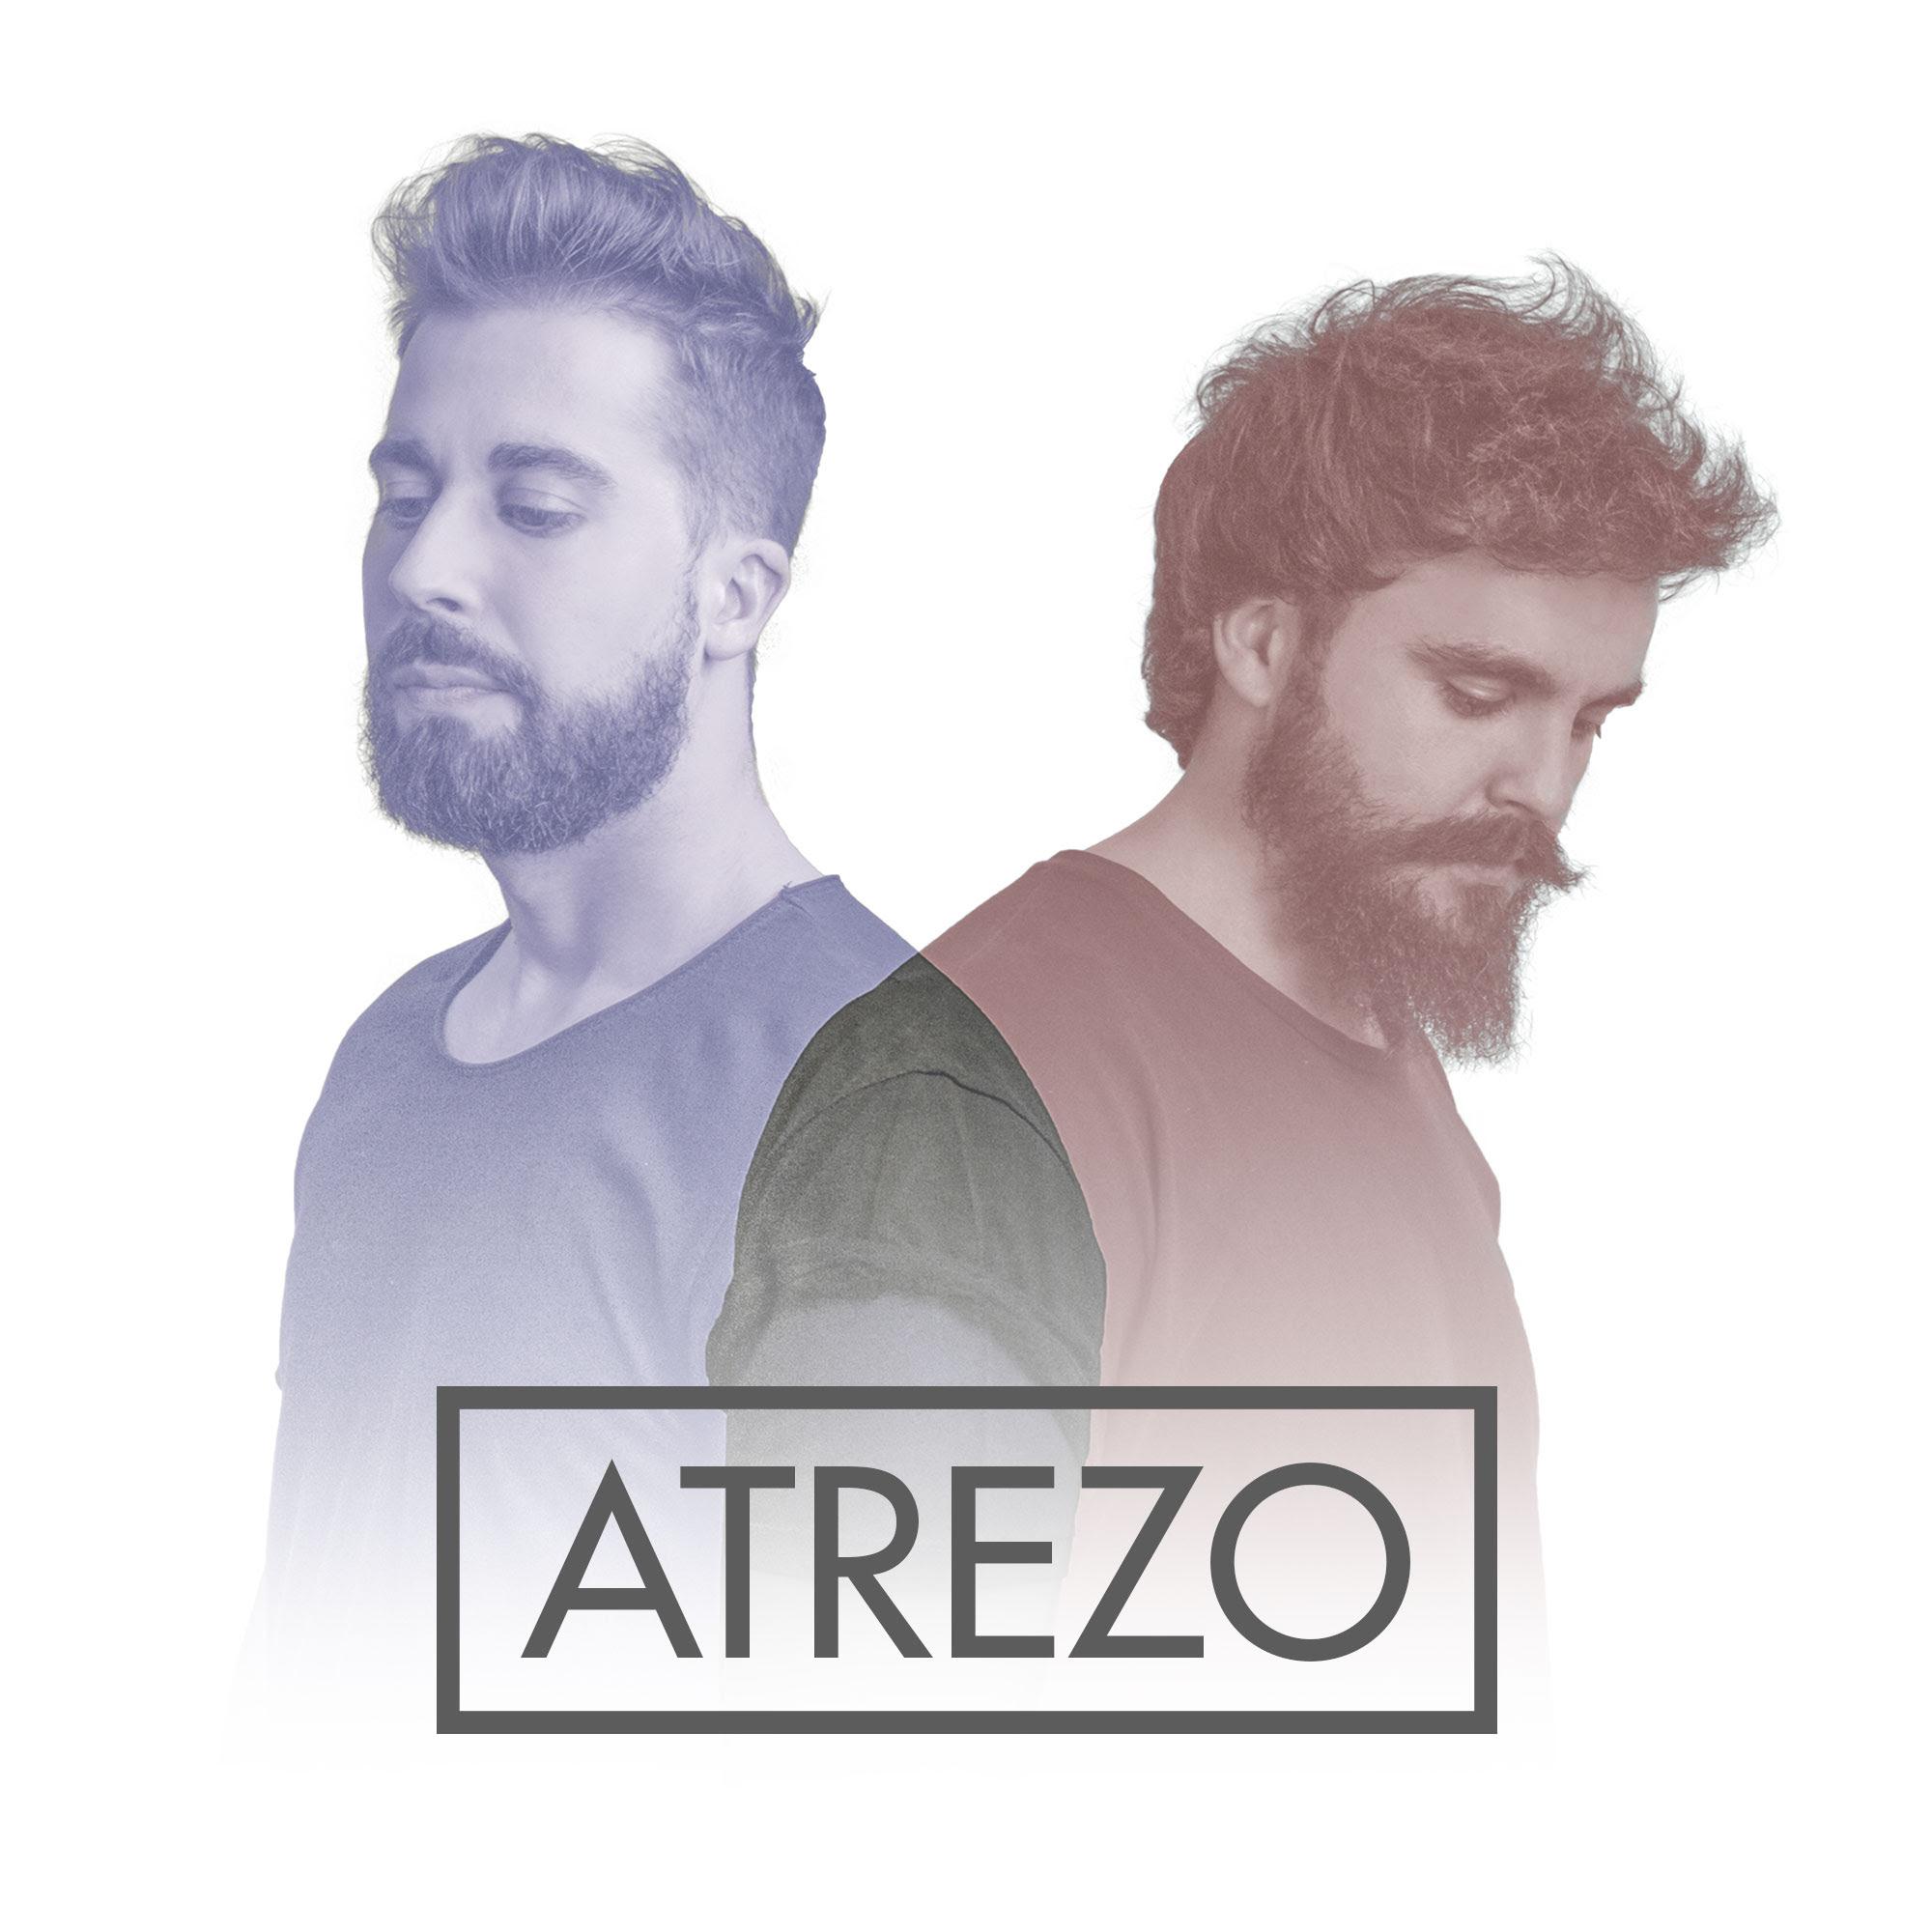 Atrezo